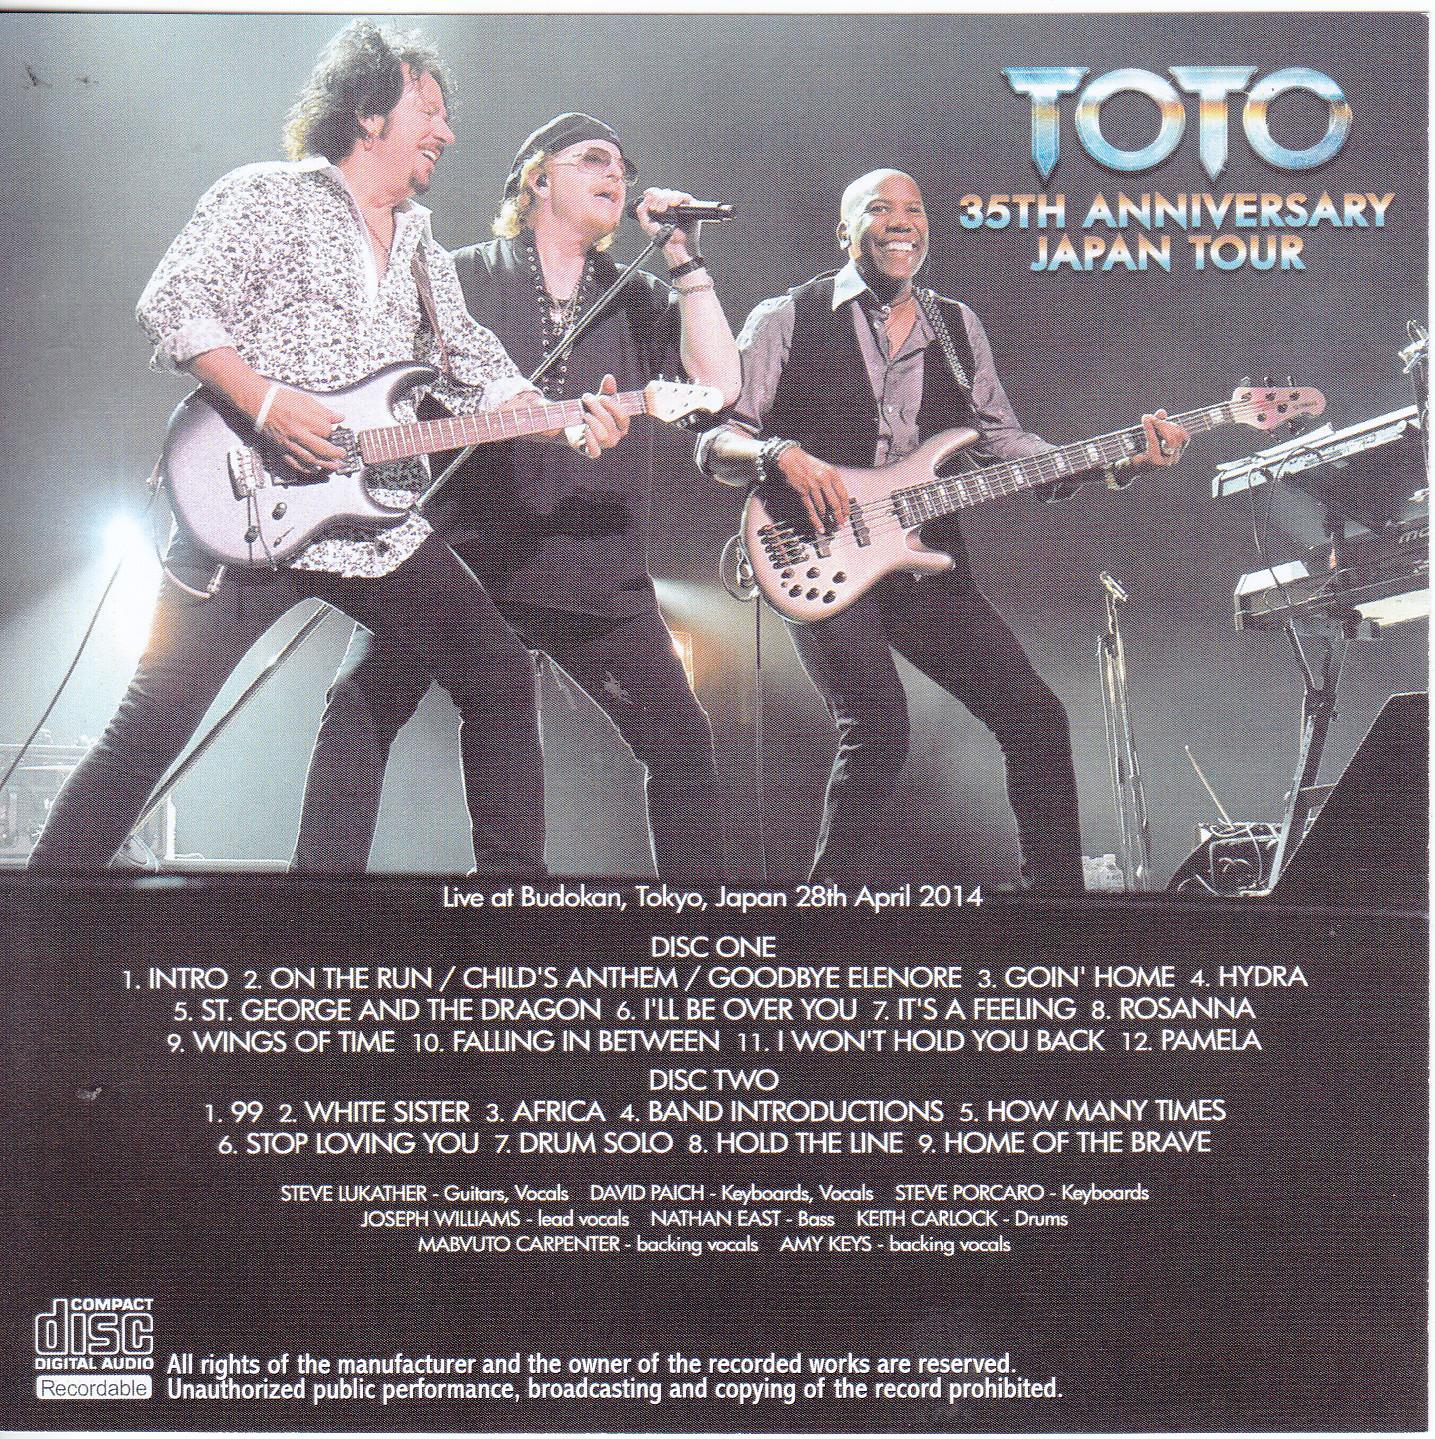 toto-14live-at-budokan2 Cara Mudah Menang Main Toto Online